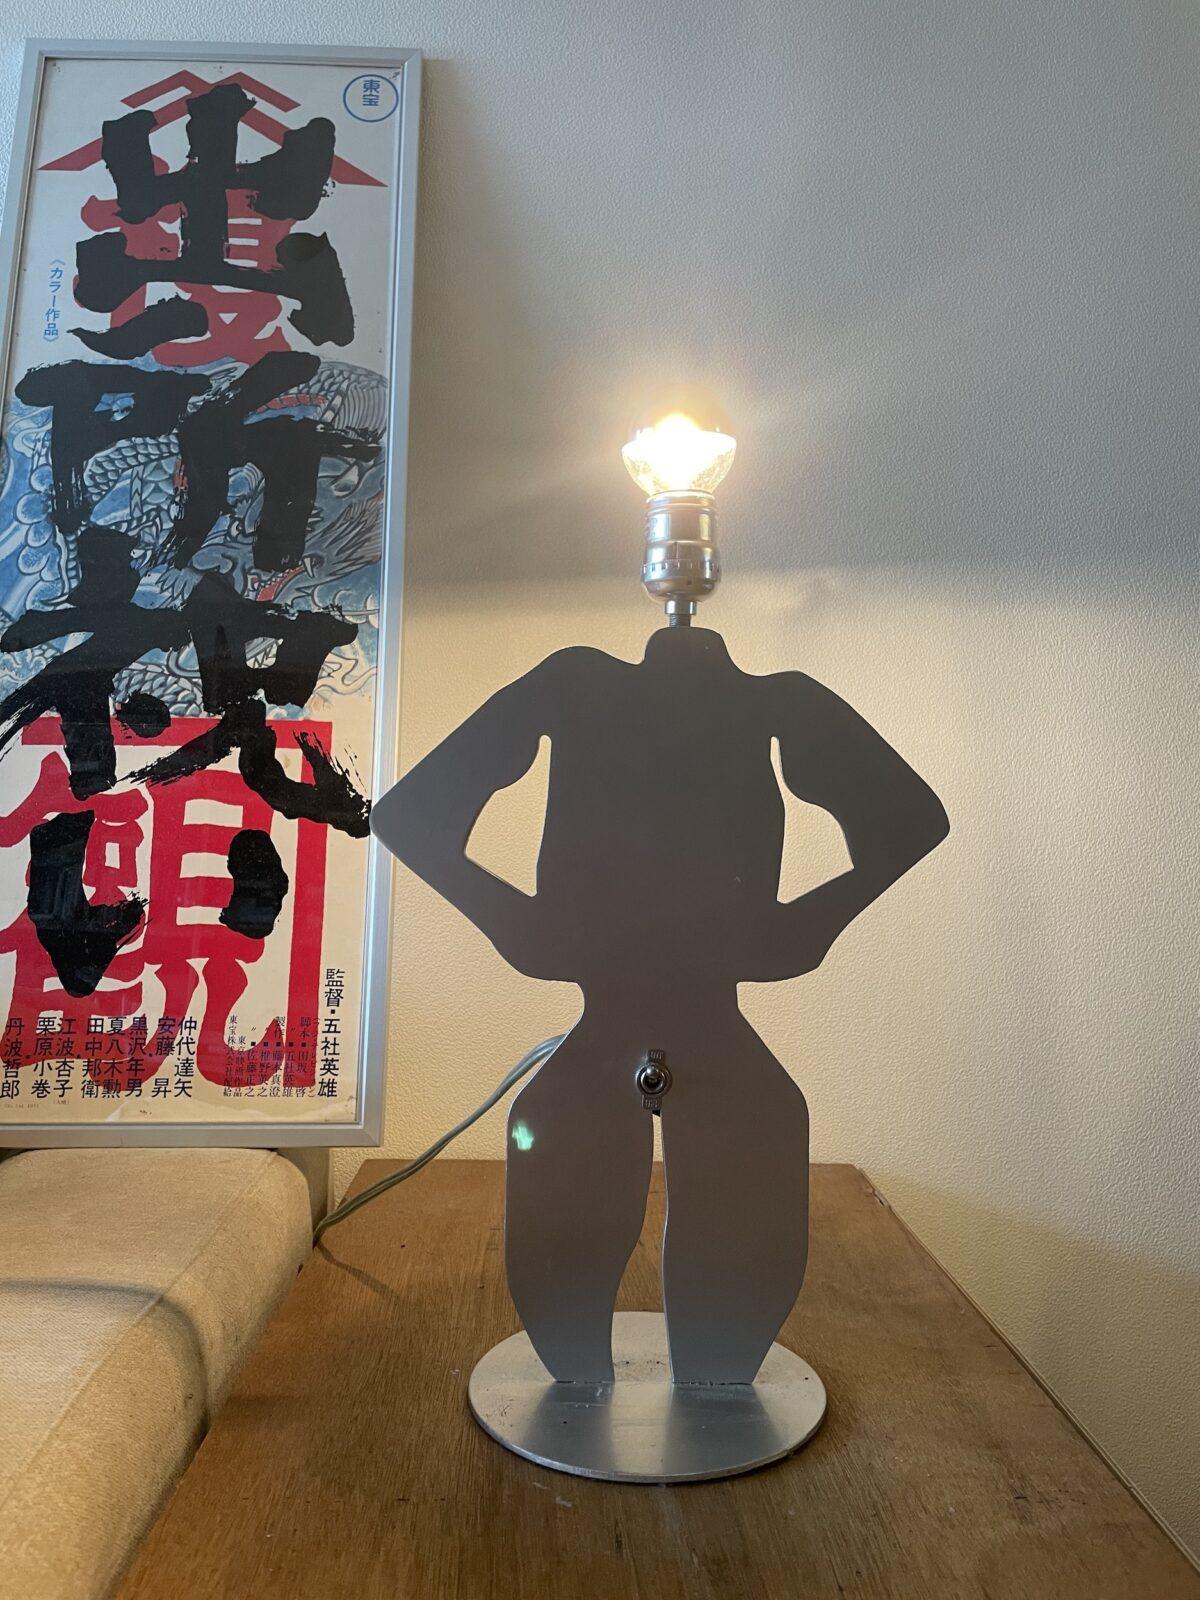 男性の体の形をしたライト。ペニスがスイッチになっていておっ立てると点灯する。どこかのおバカさんがDIYしたものらしい。大阪の「YAMASTORE」で購入。奥にあるポスターは1960~70年代に量産されたスピードポスターという縦長の映画ポスターで、作品は五社英雄監督の名作任侠映画。